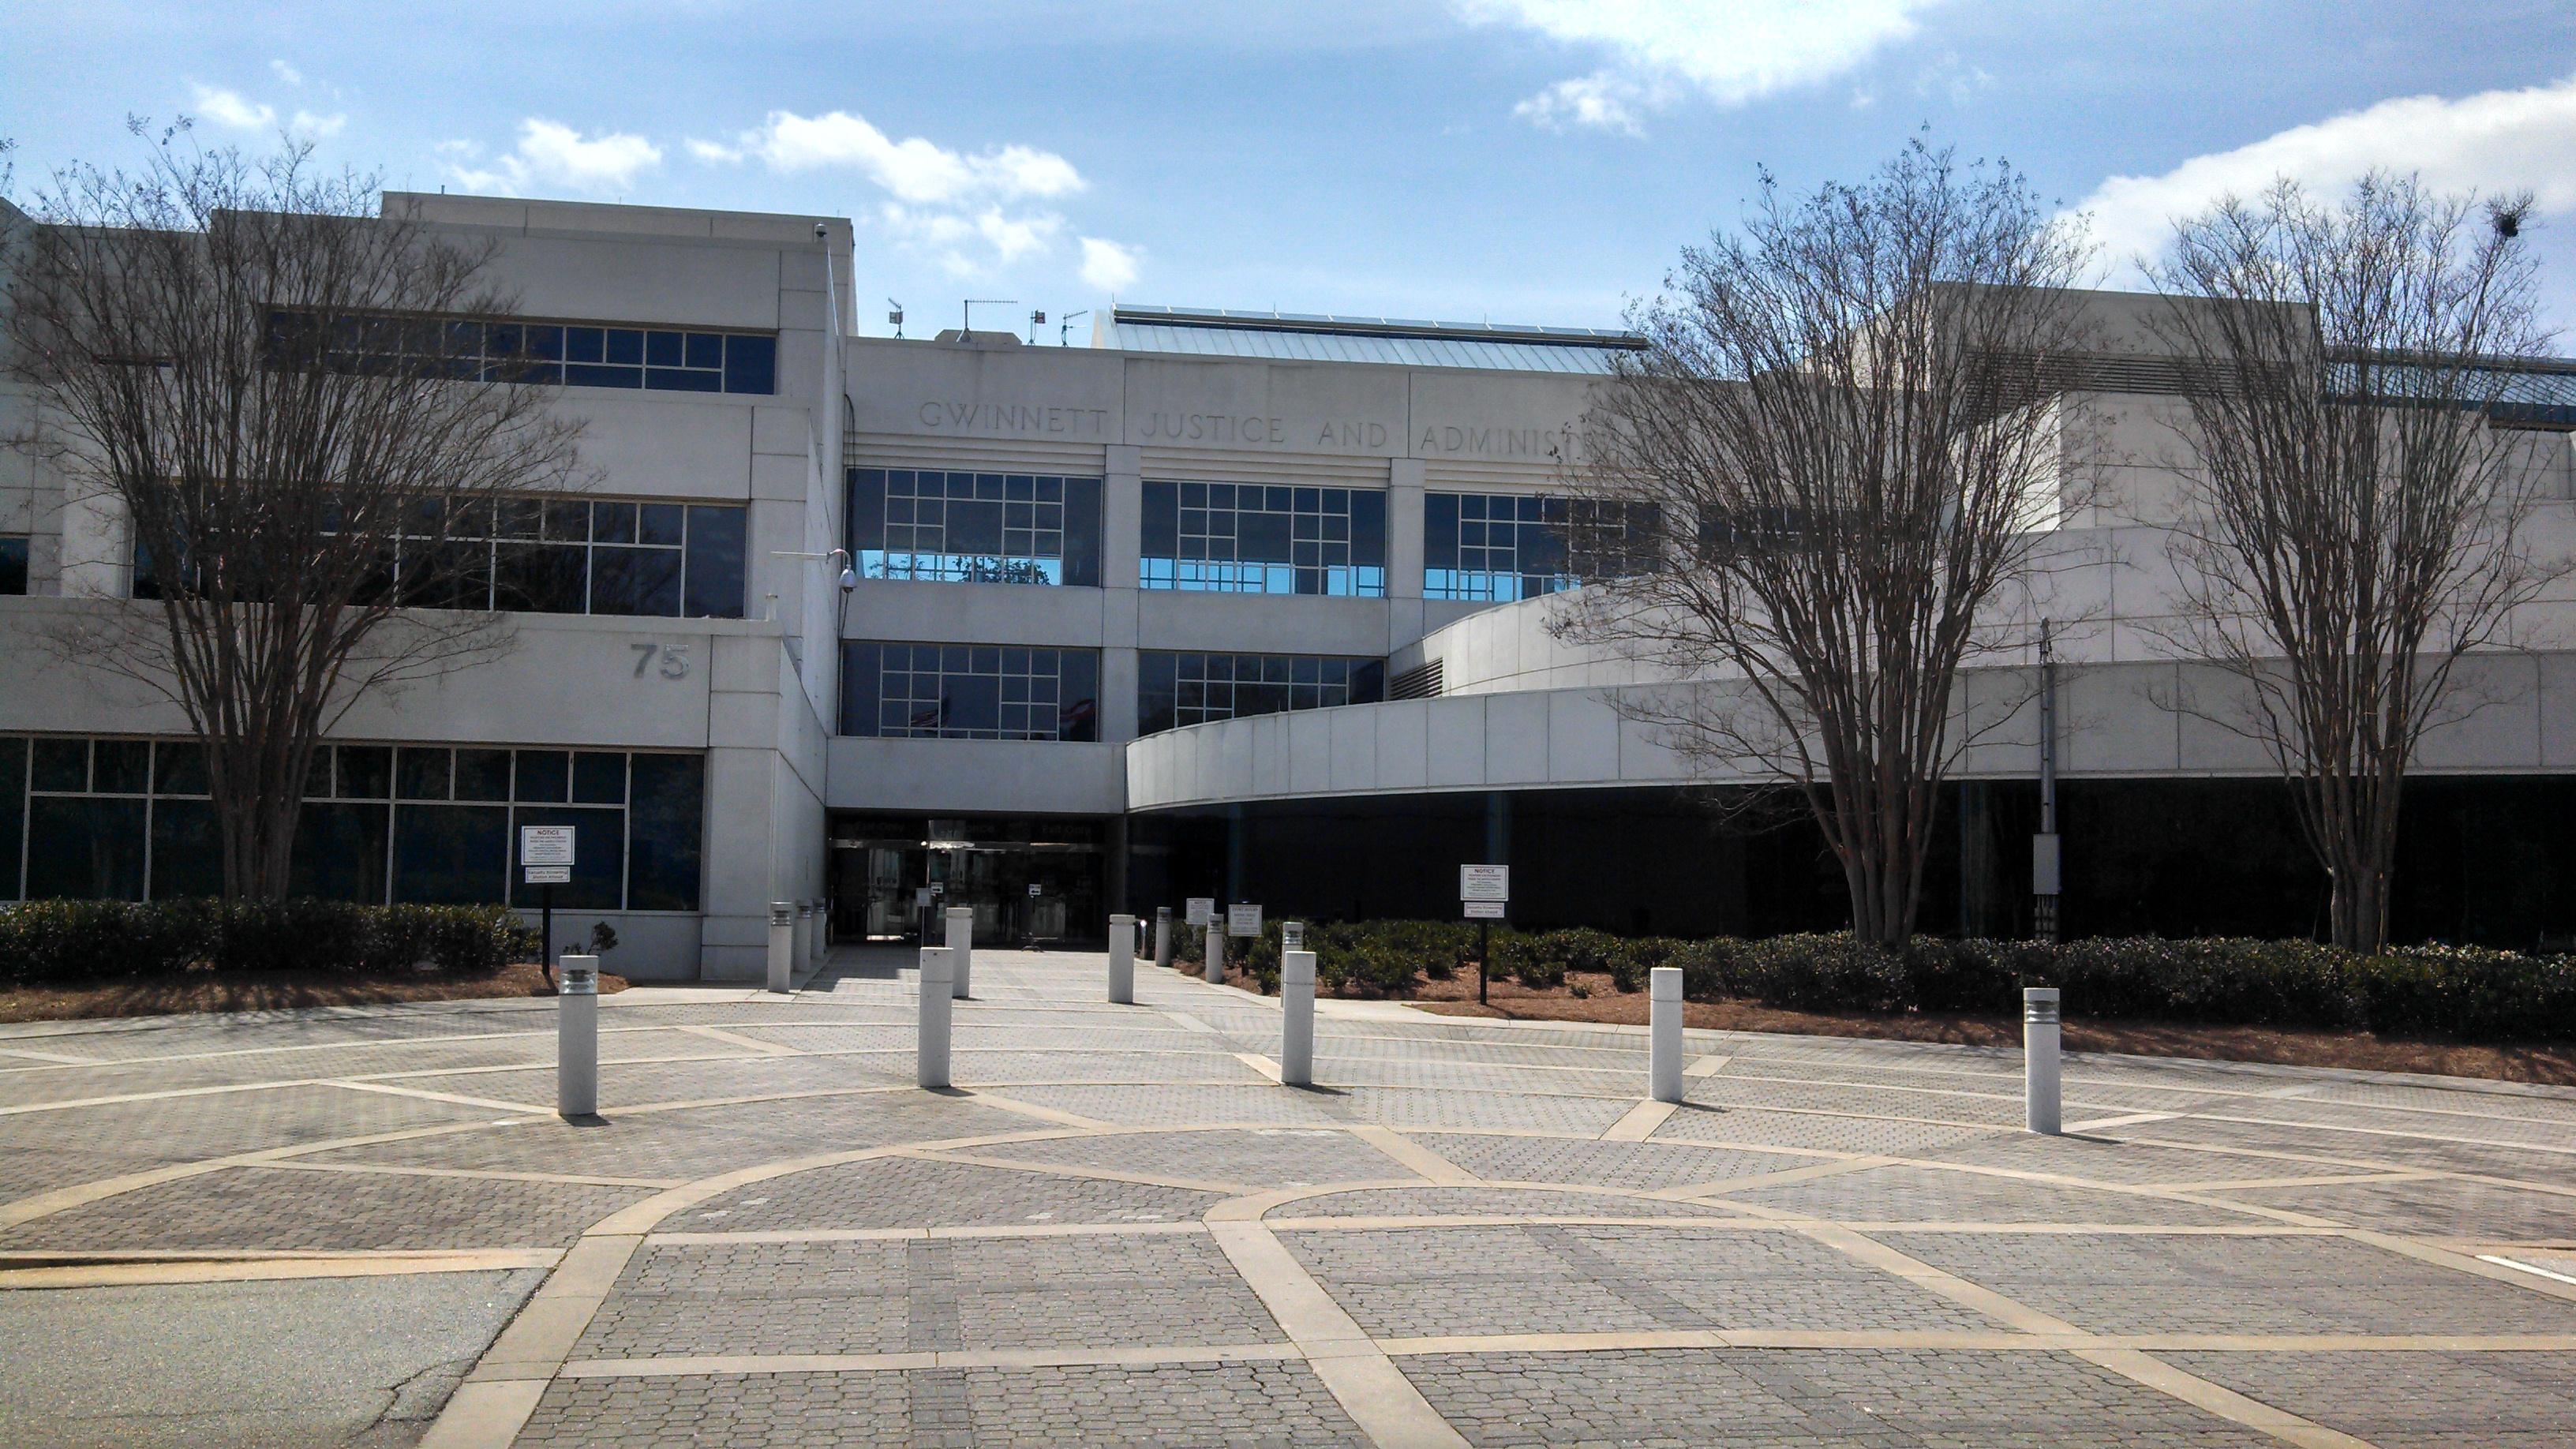 Gwinnett Property Tax Appeal